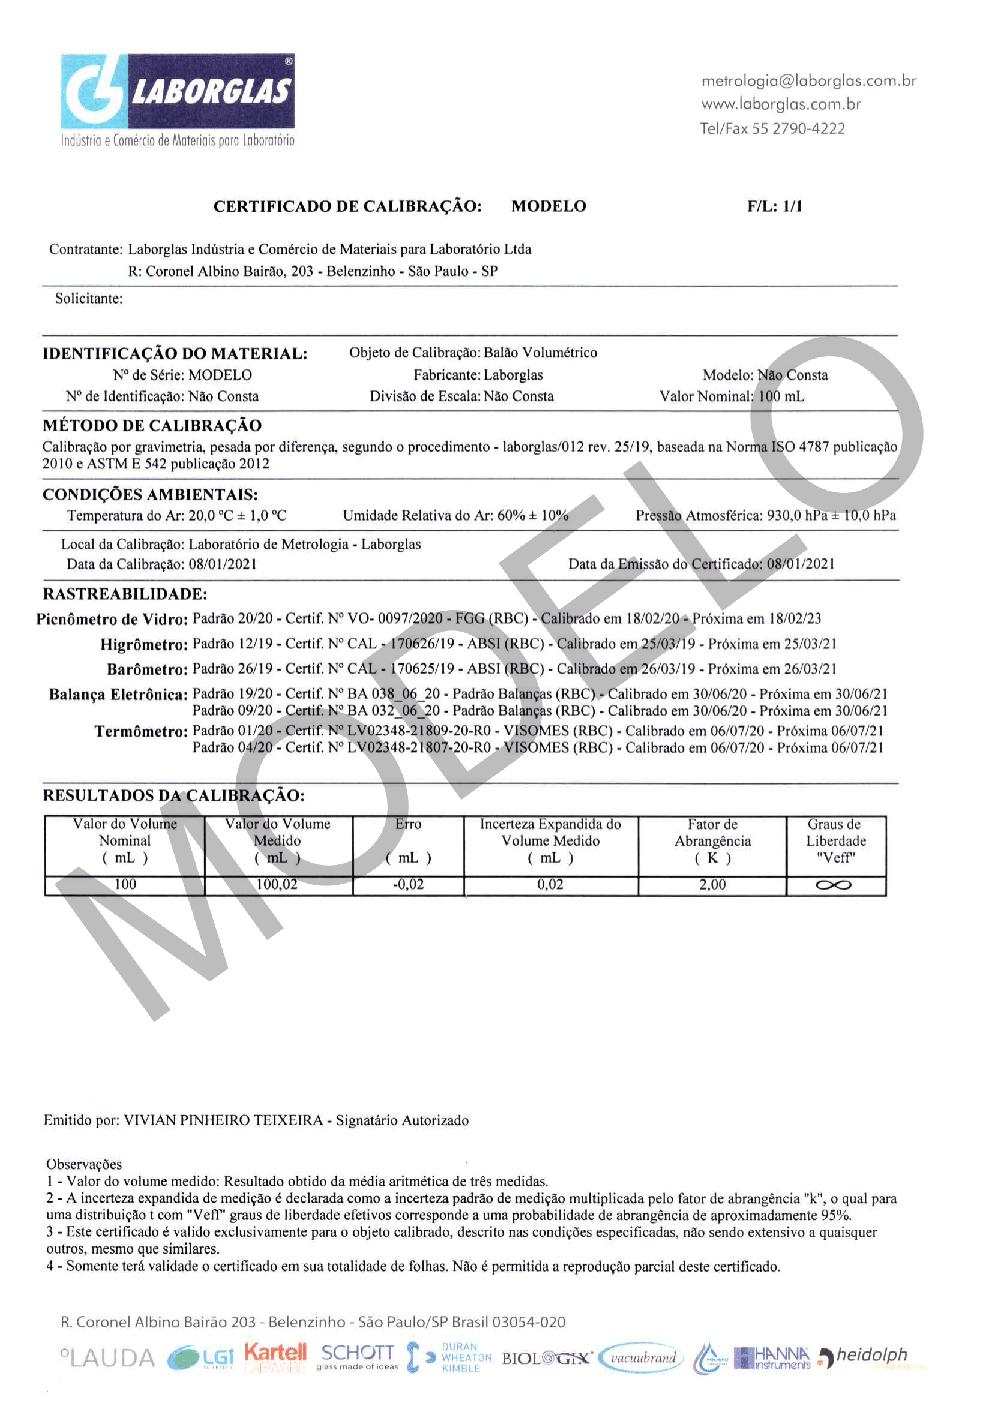 BALÃO VOLUMÉTRICO CLASSE A ROLHA POLI C/ CERTIFICADO RASTREÁVEL 150 ML - Marca Laborglas - Cód. 9167829-C